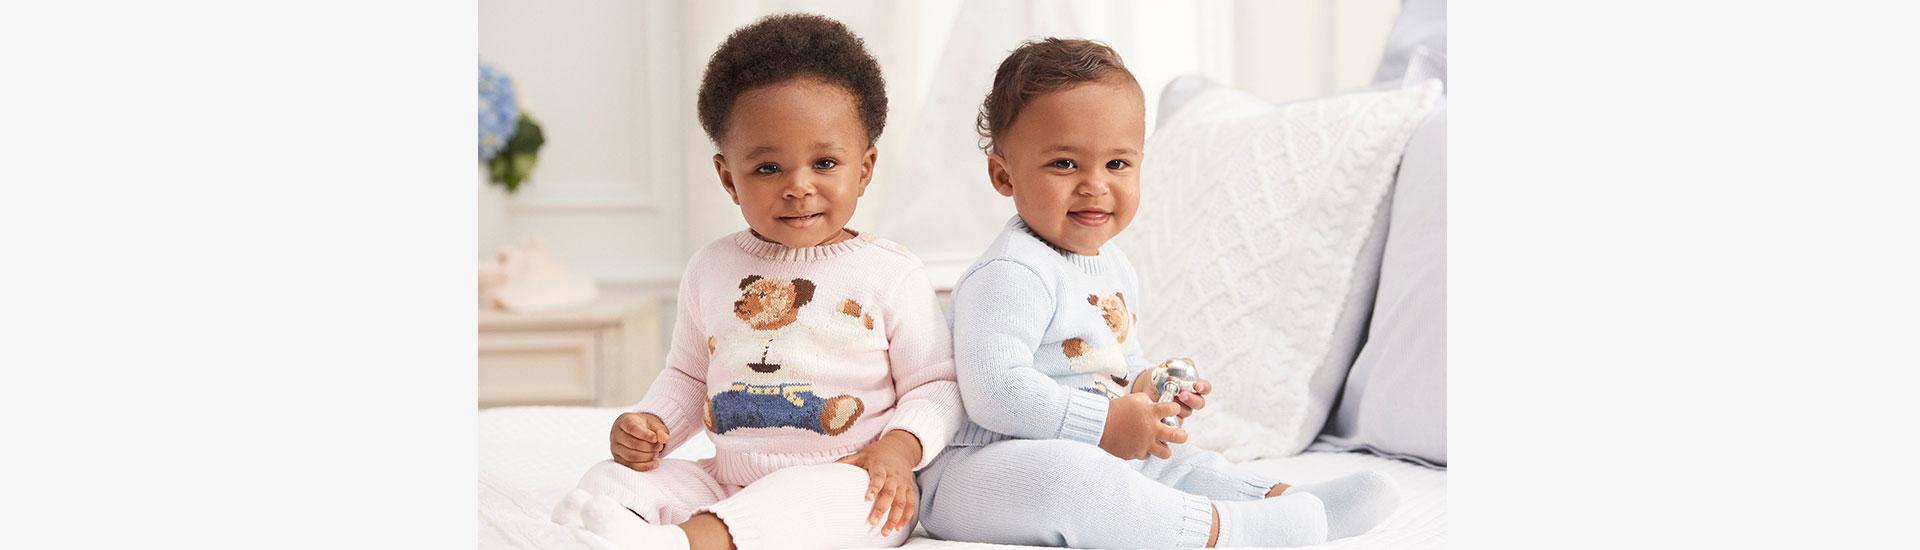 忠孝館5F POLO RALPH LAUREN 2021嬰童系列新品上市